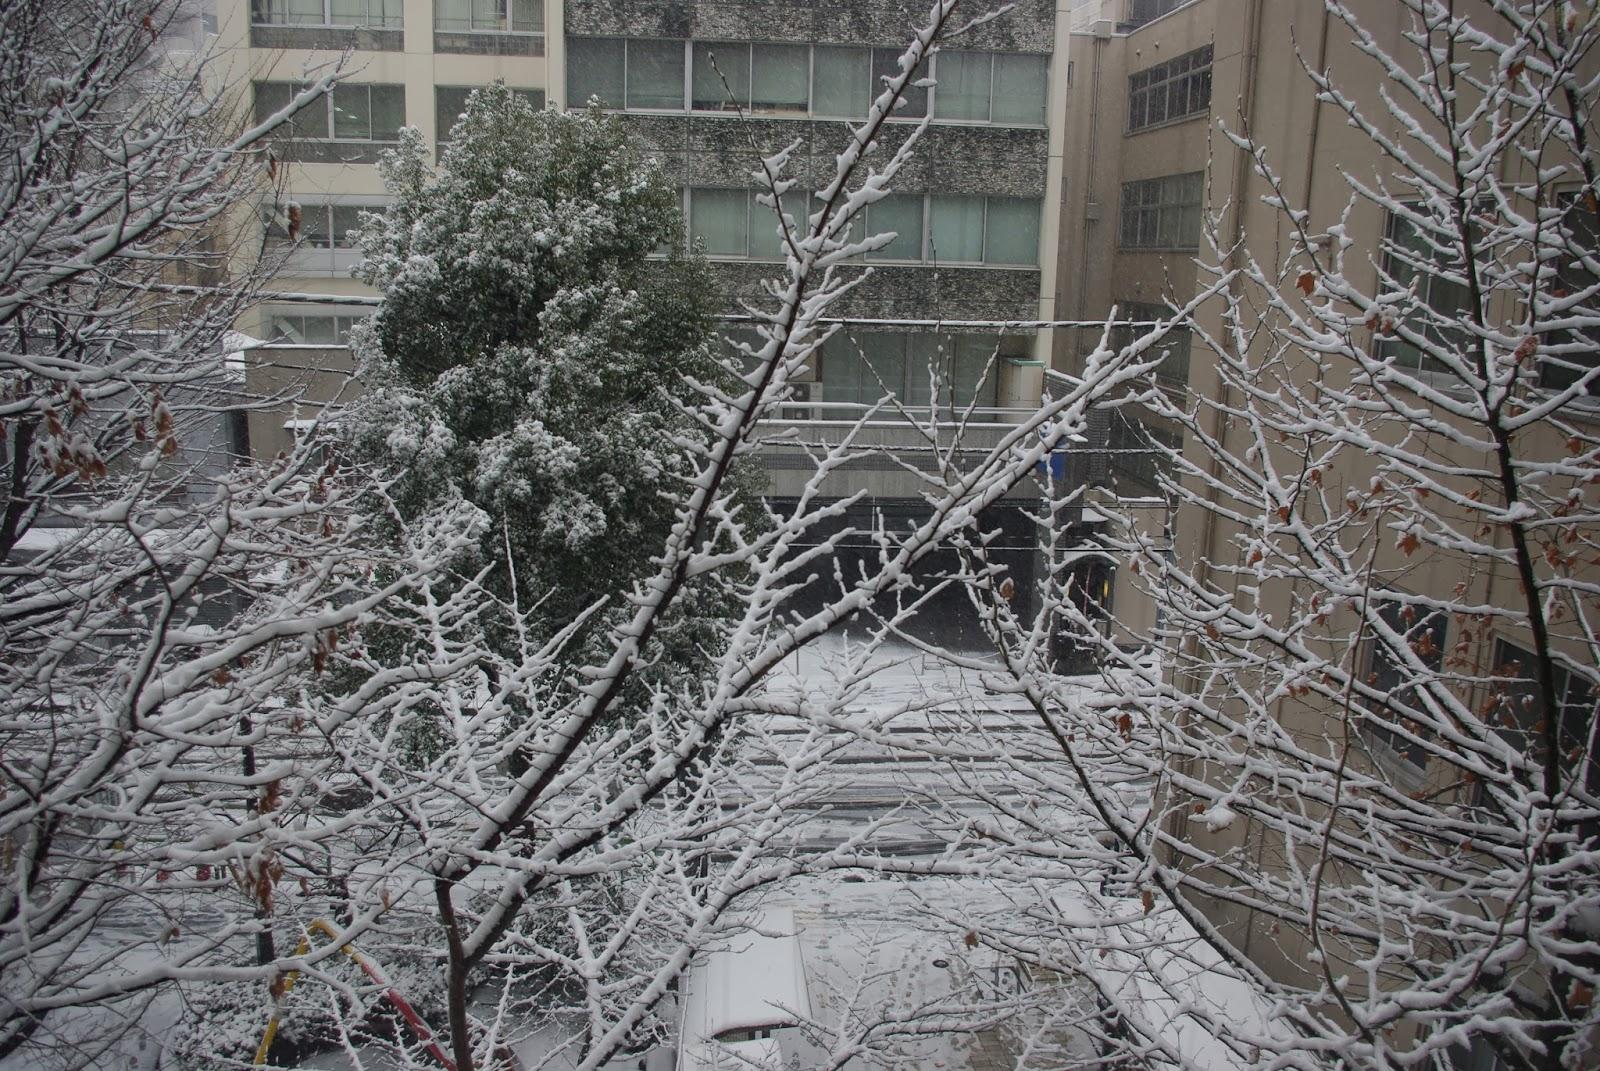 2/8に降った雪の写真です。